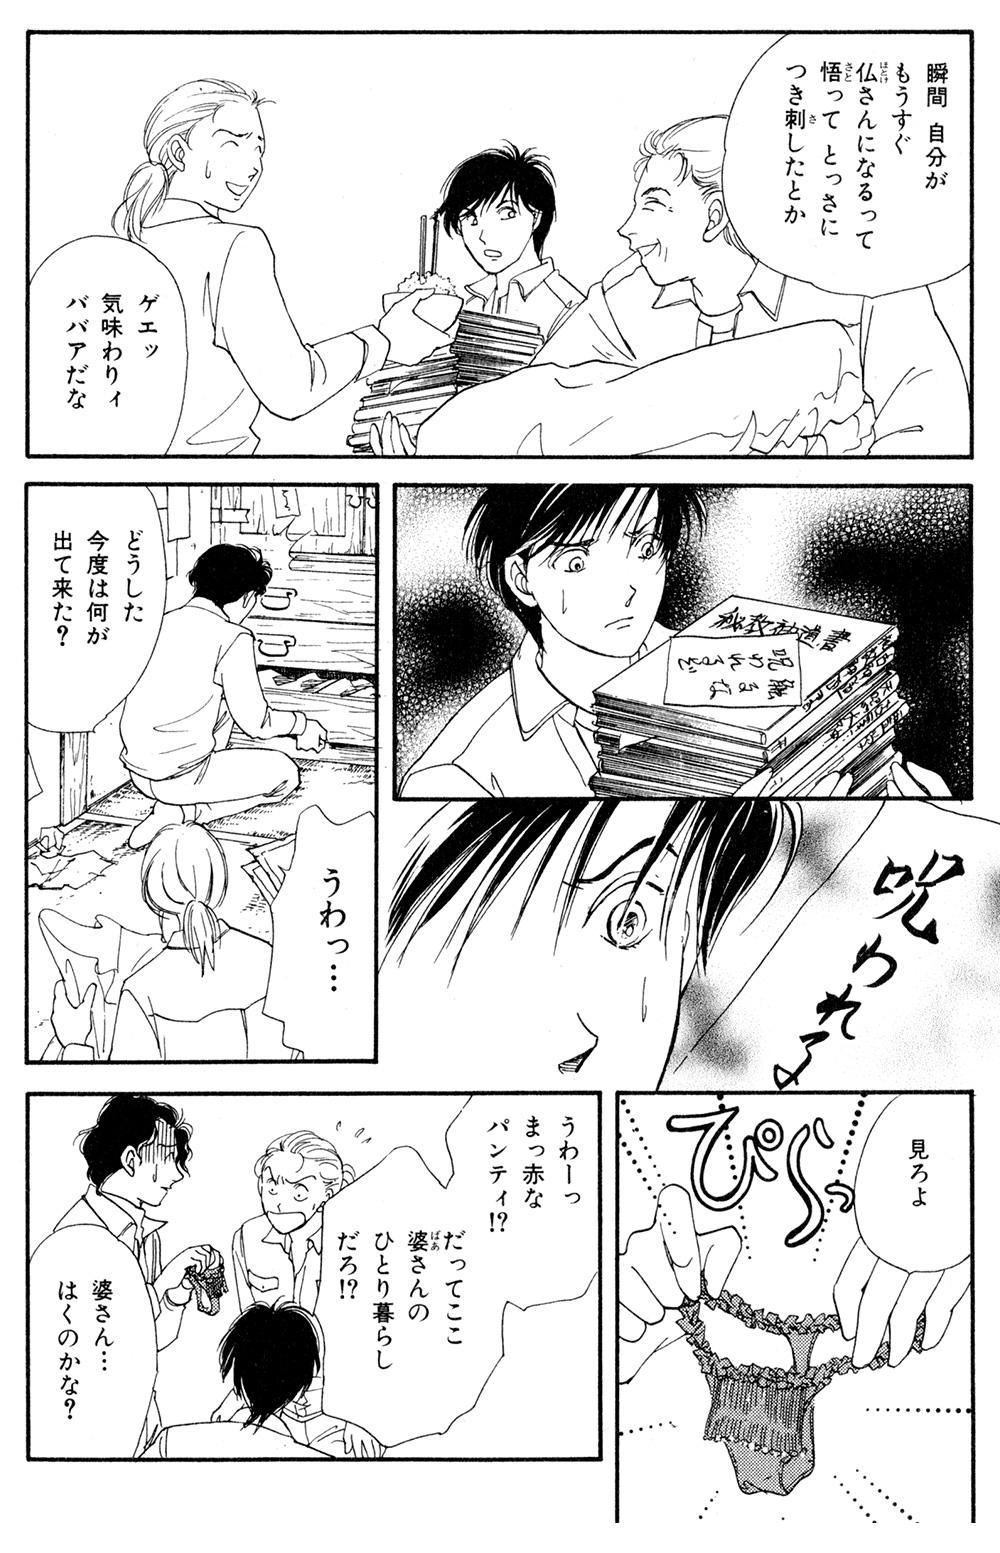 魔百合の恐怖報告 「災いを呼ぶ老婆」①rouba01-11.jpg